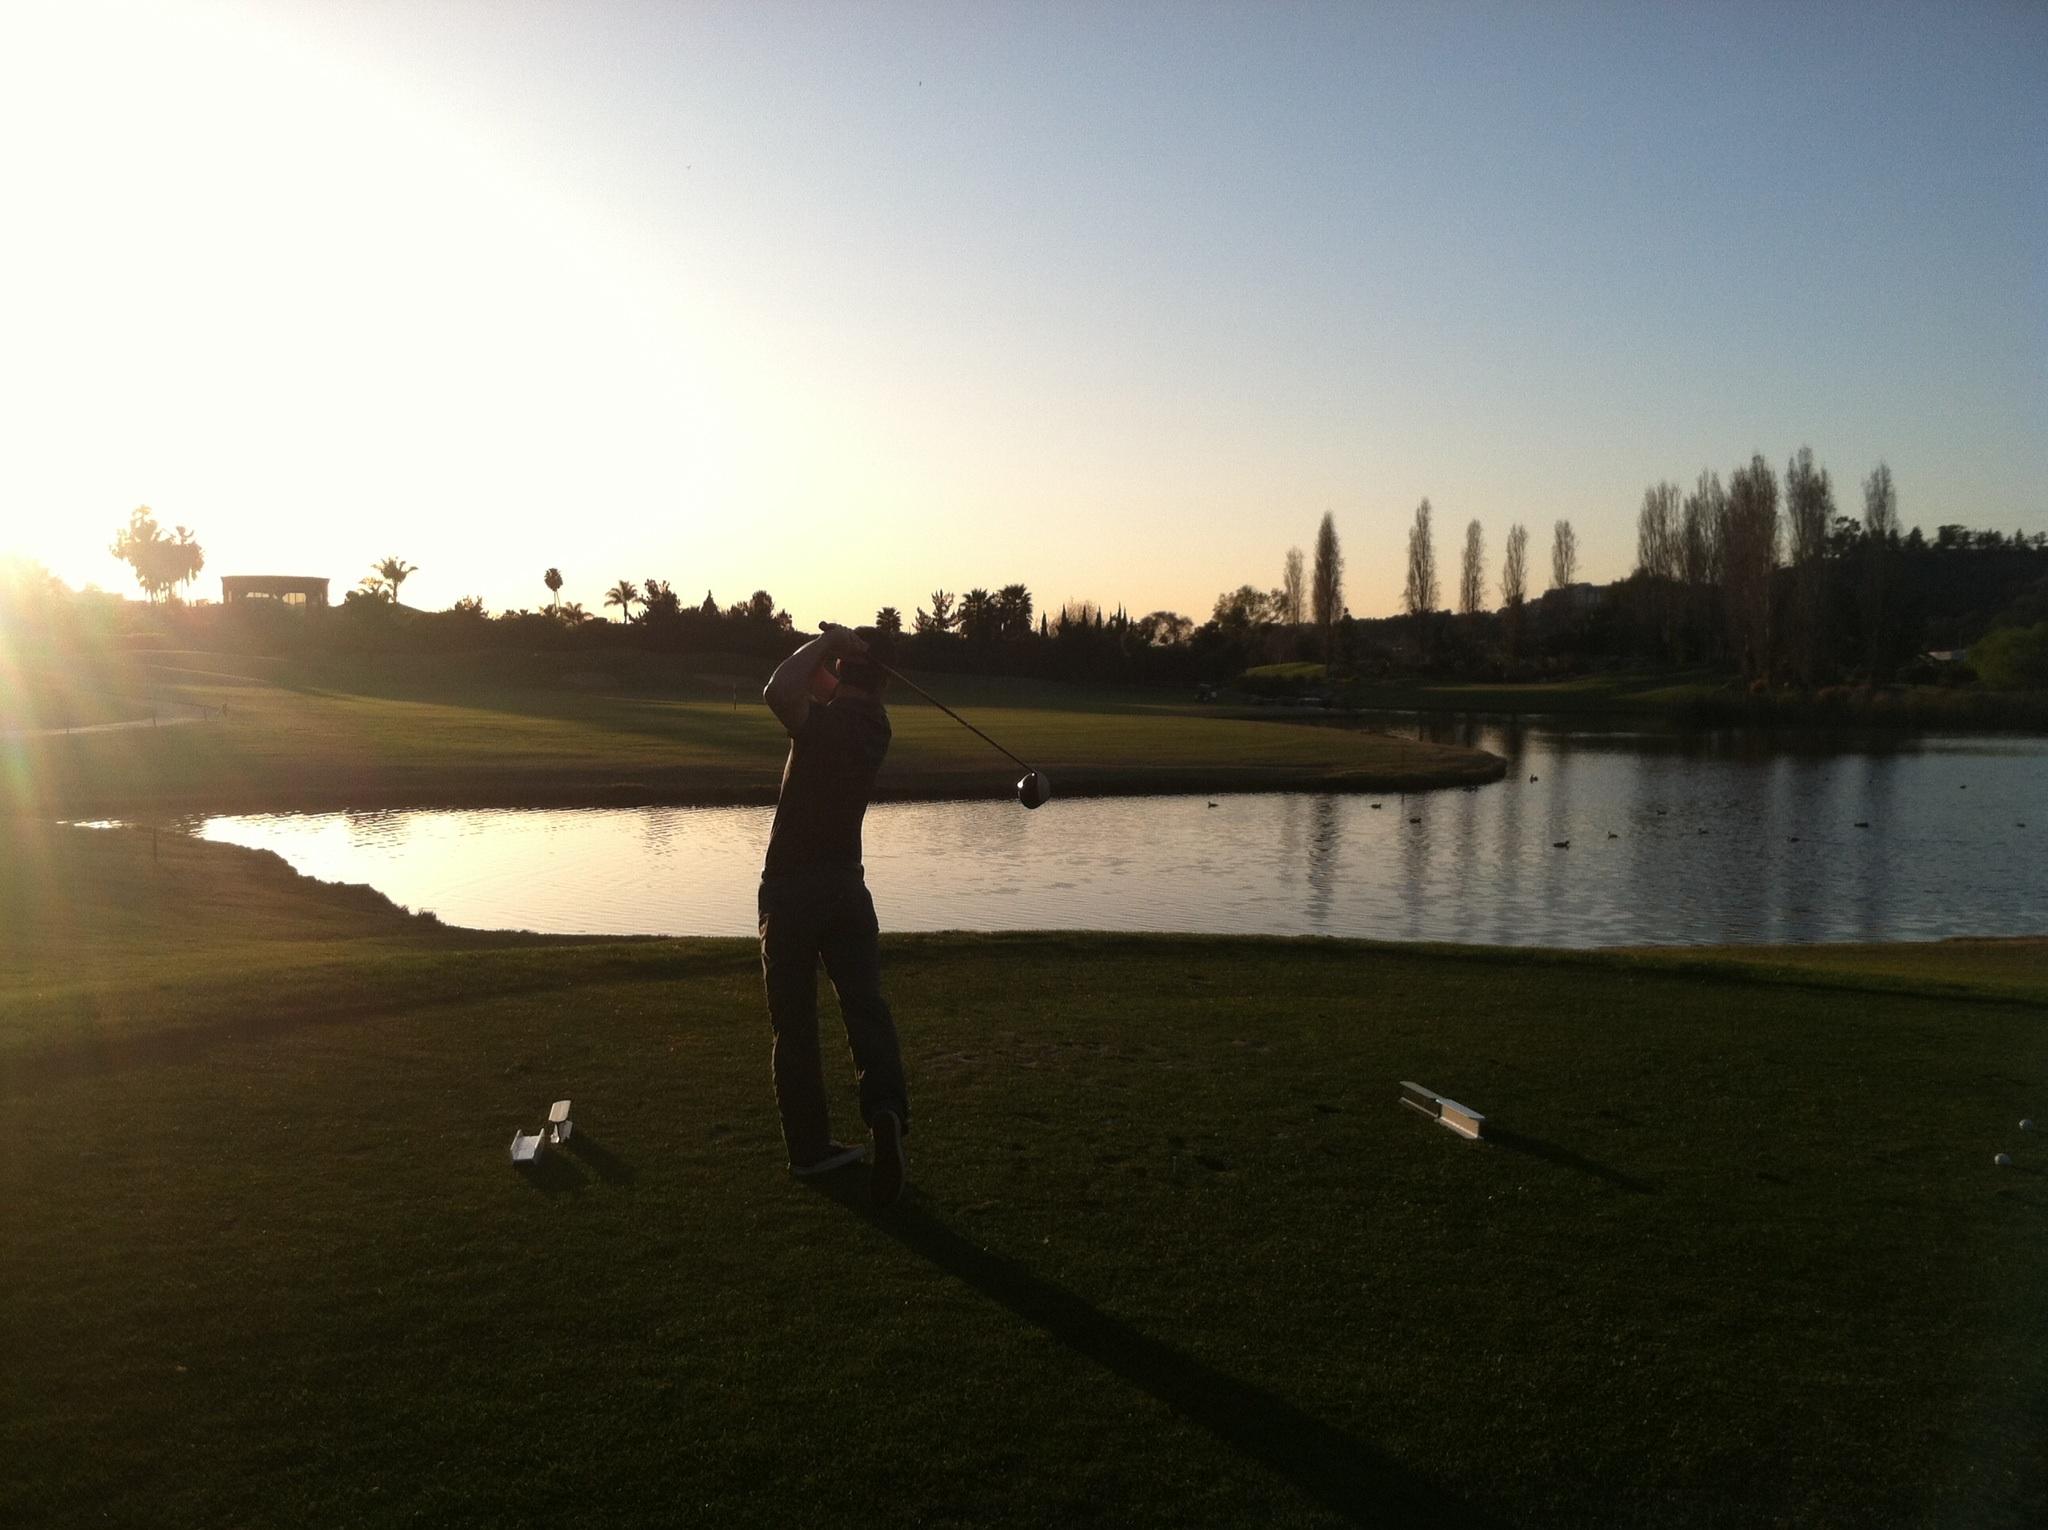 Riverwalk Golf Club - Mission Hole 3, Par 4